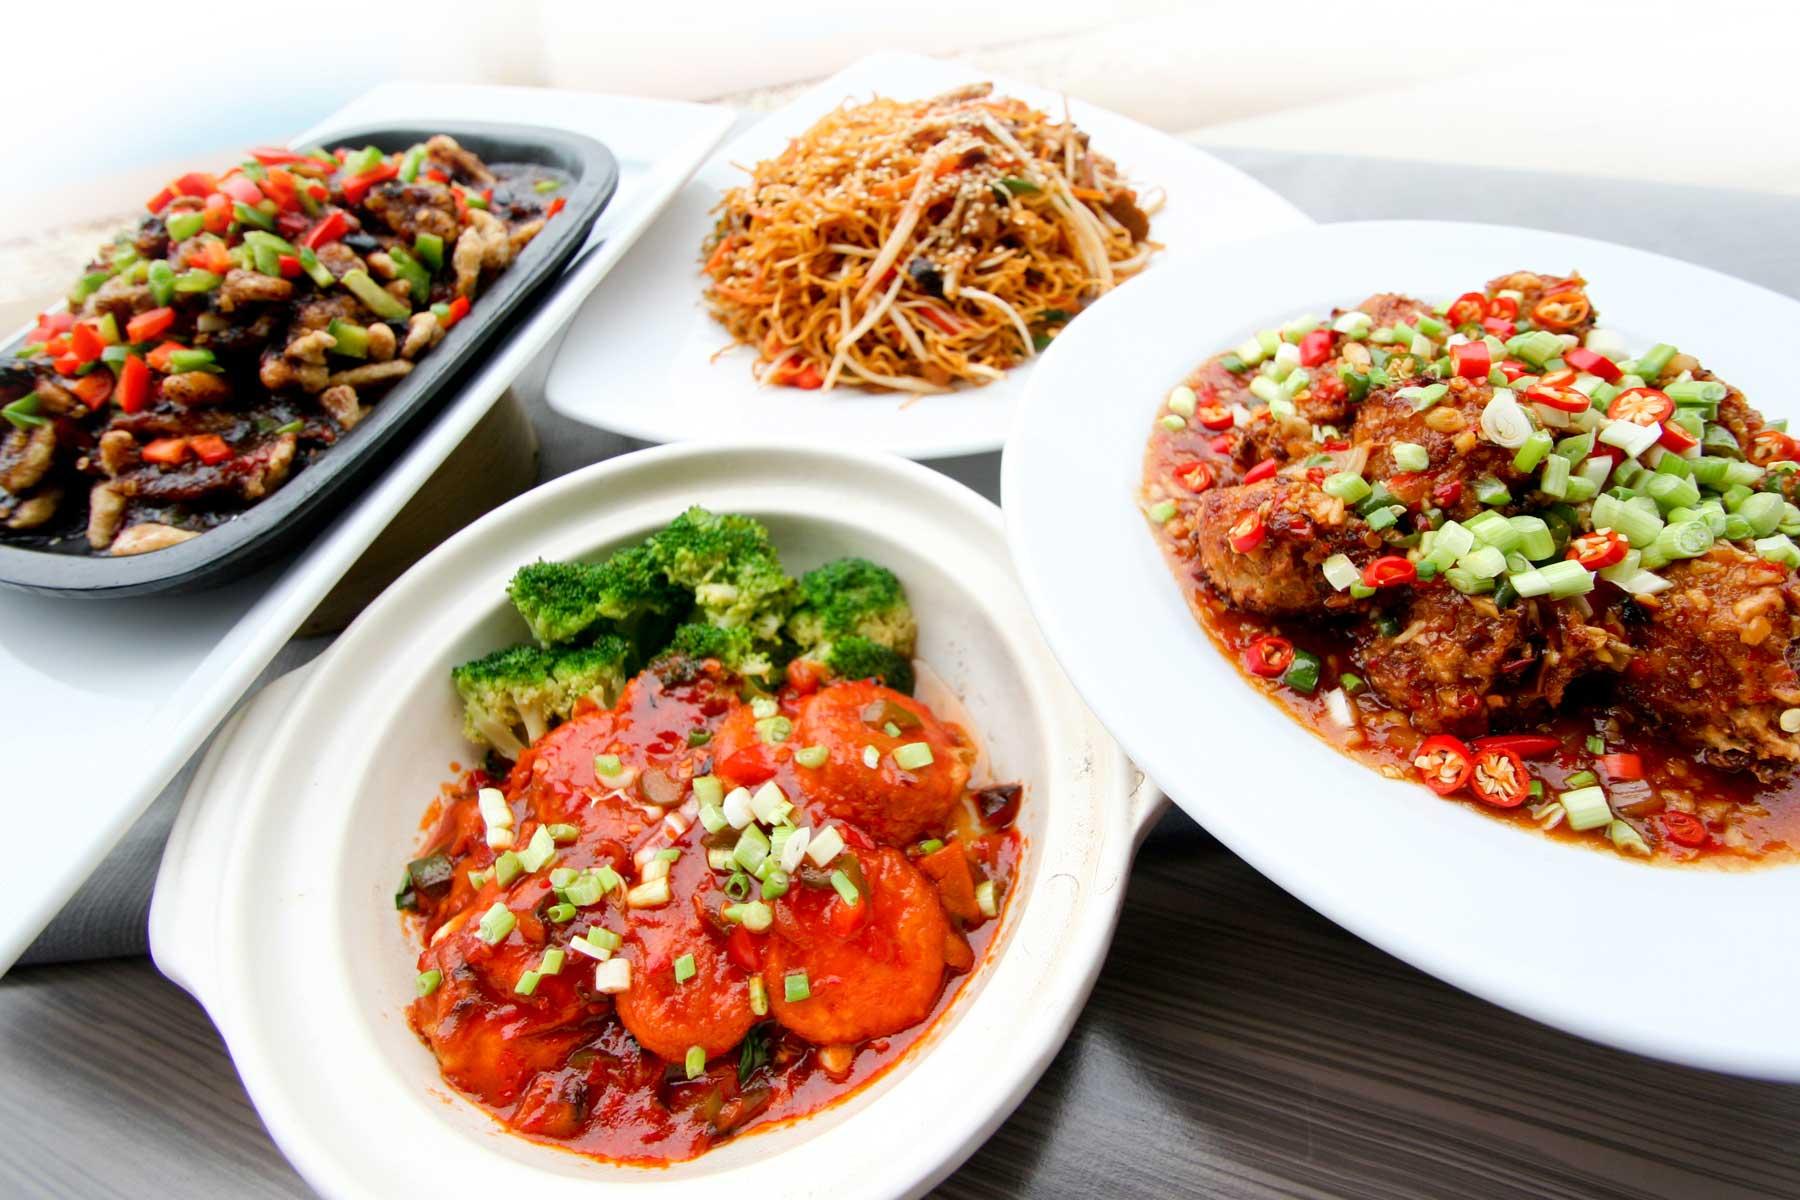 hotellotussukhumvit - vejetaryen yemekleri